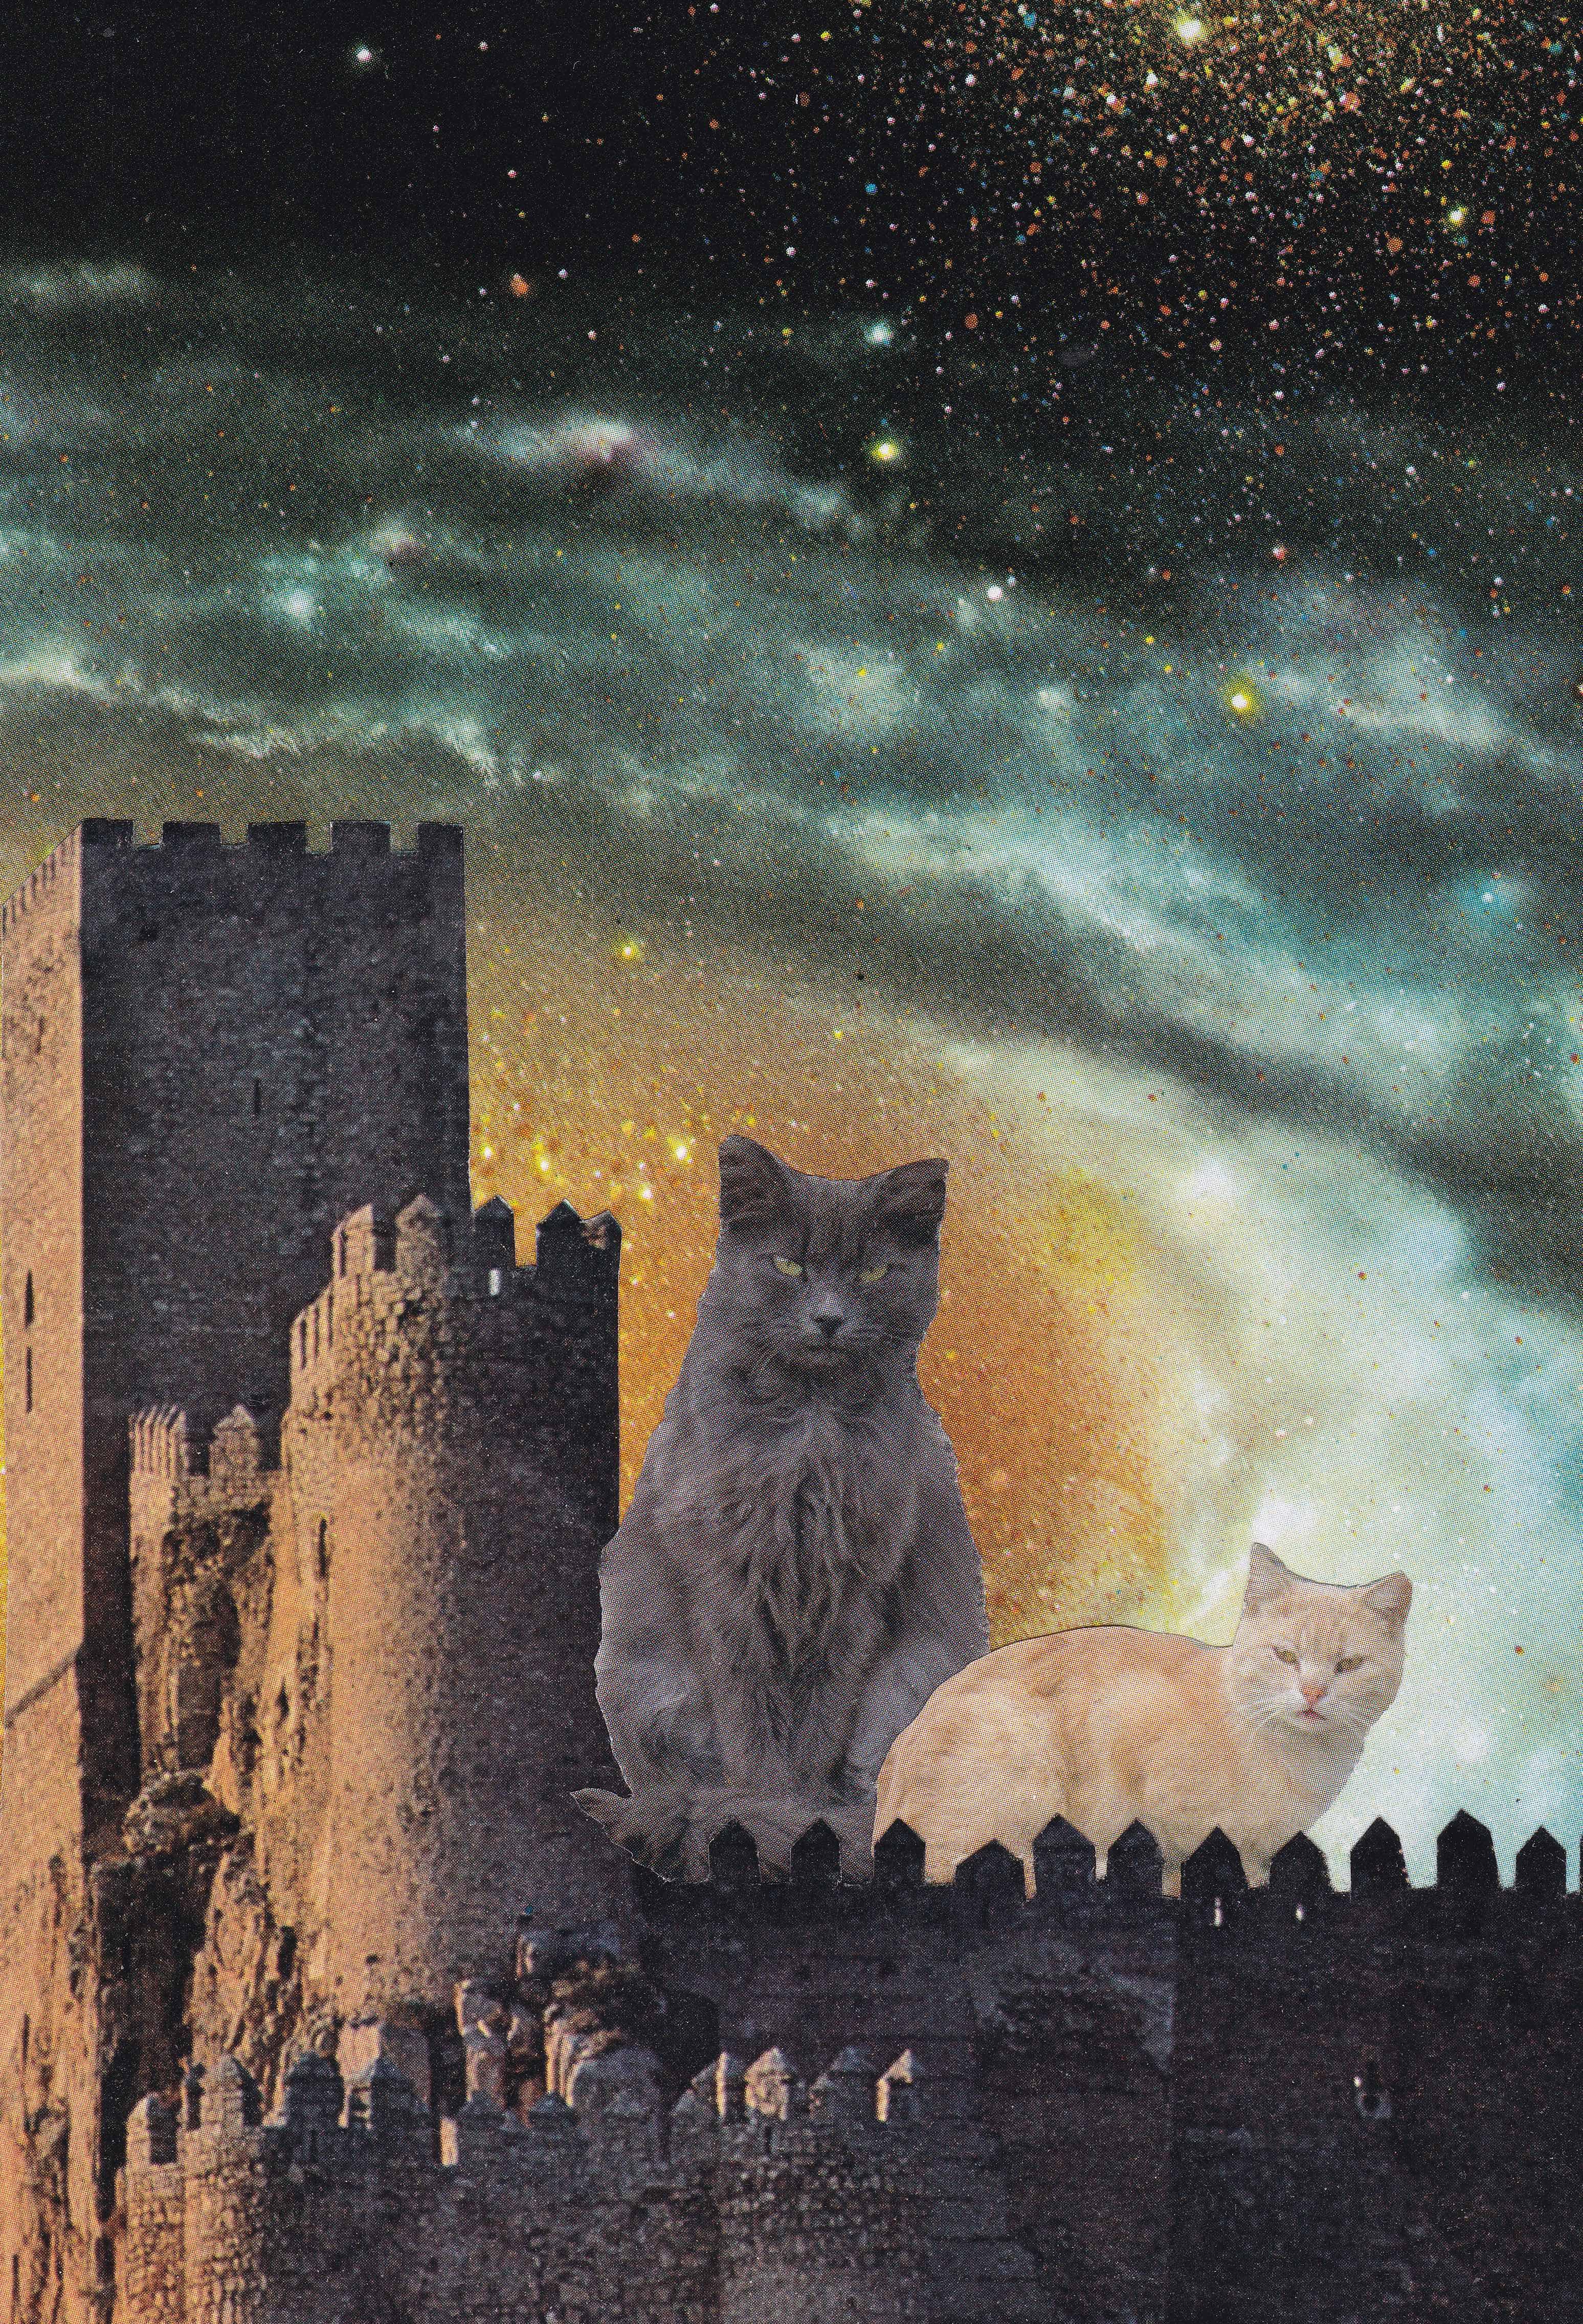 Catsle